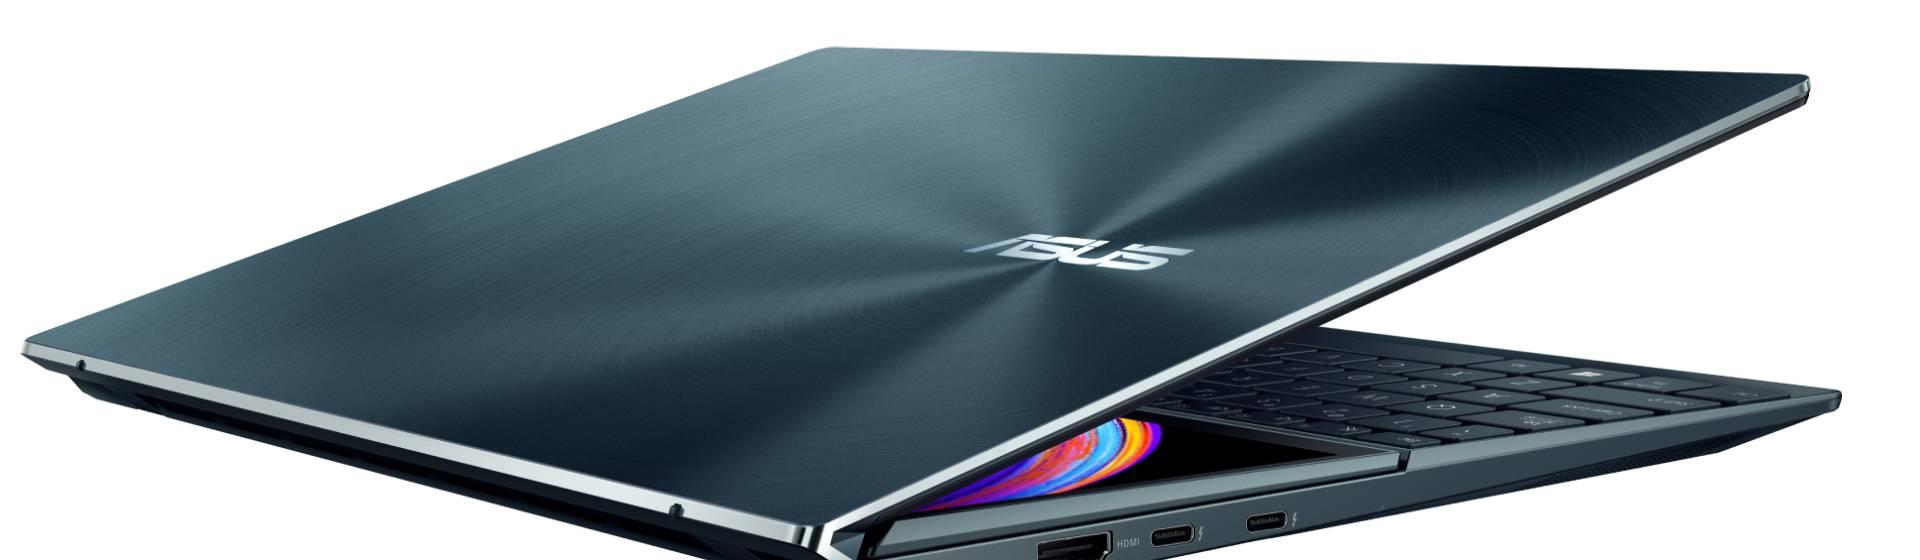 Asus Zenbook 14 e Zenbook Duo 14 são lançados no Brasil